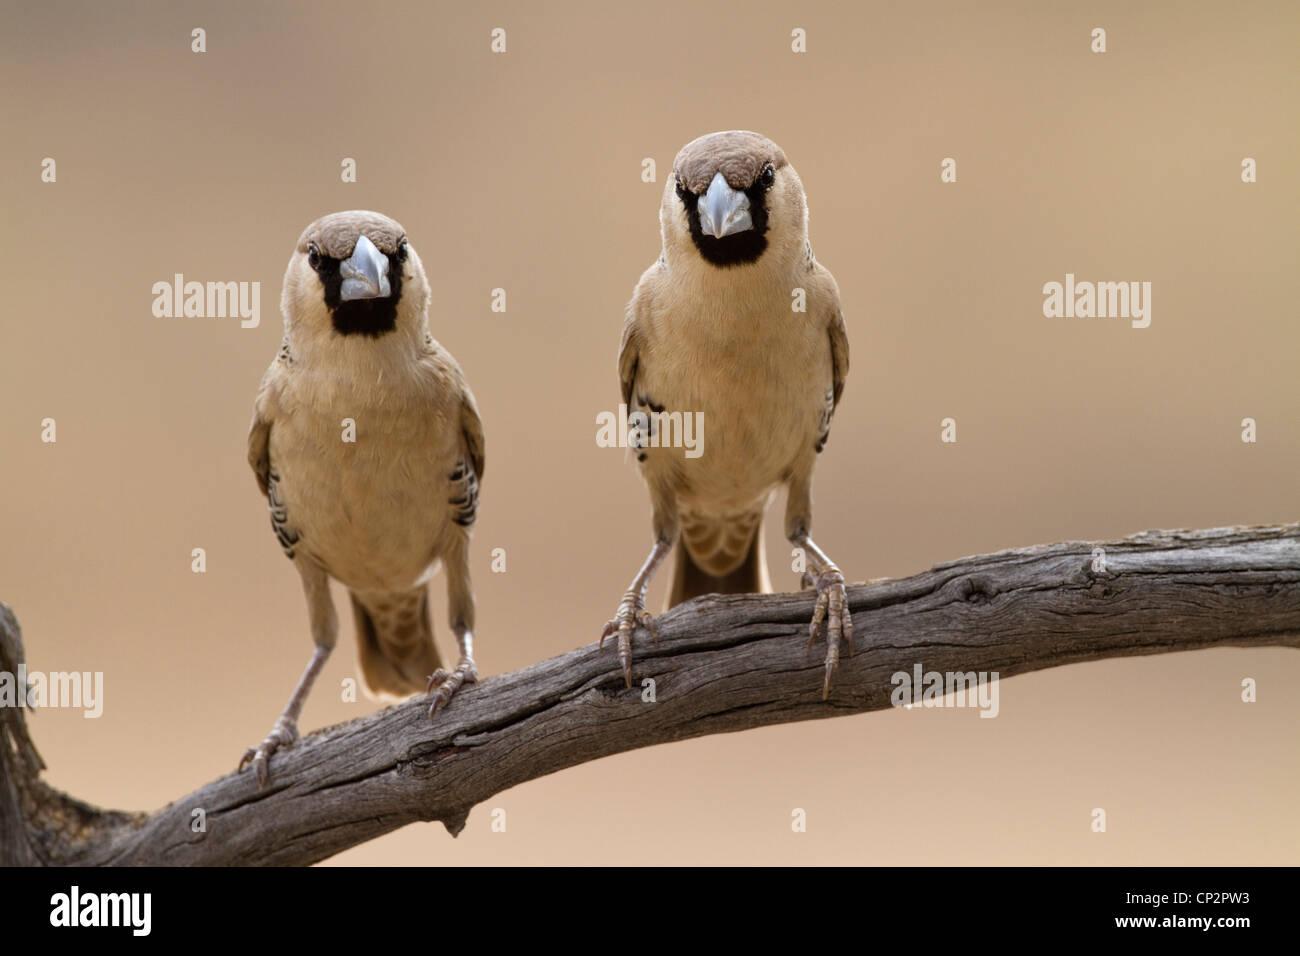 Deux sociable weaver oiseaux posés côte à côte sur une branche Photo Stock